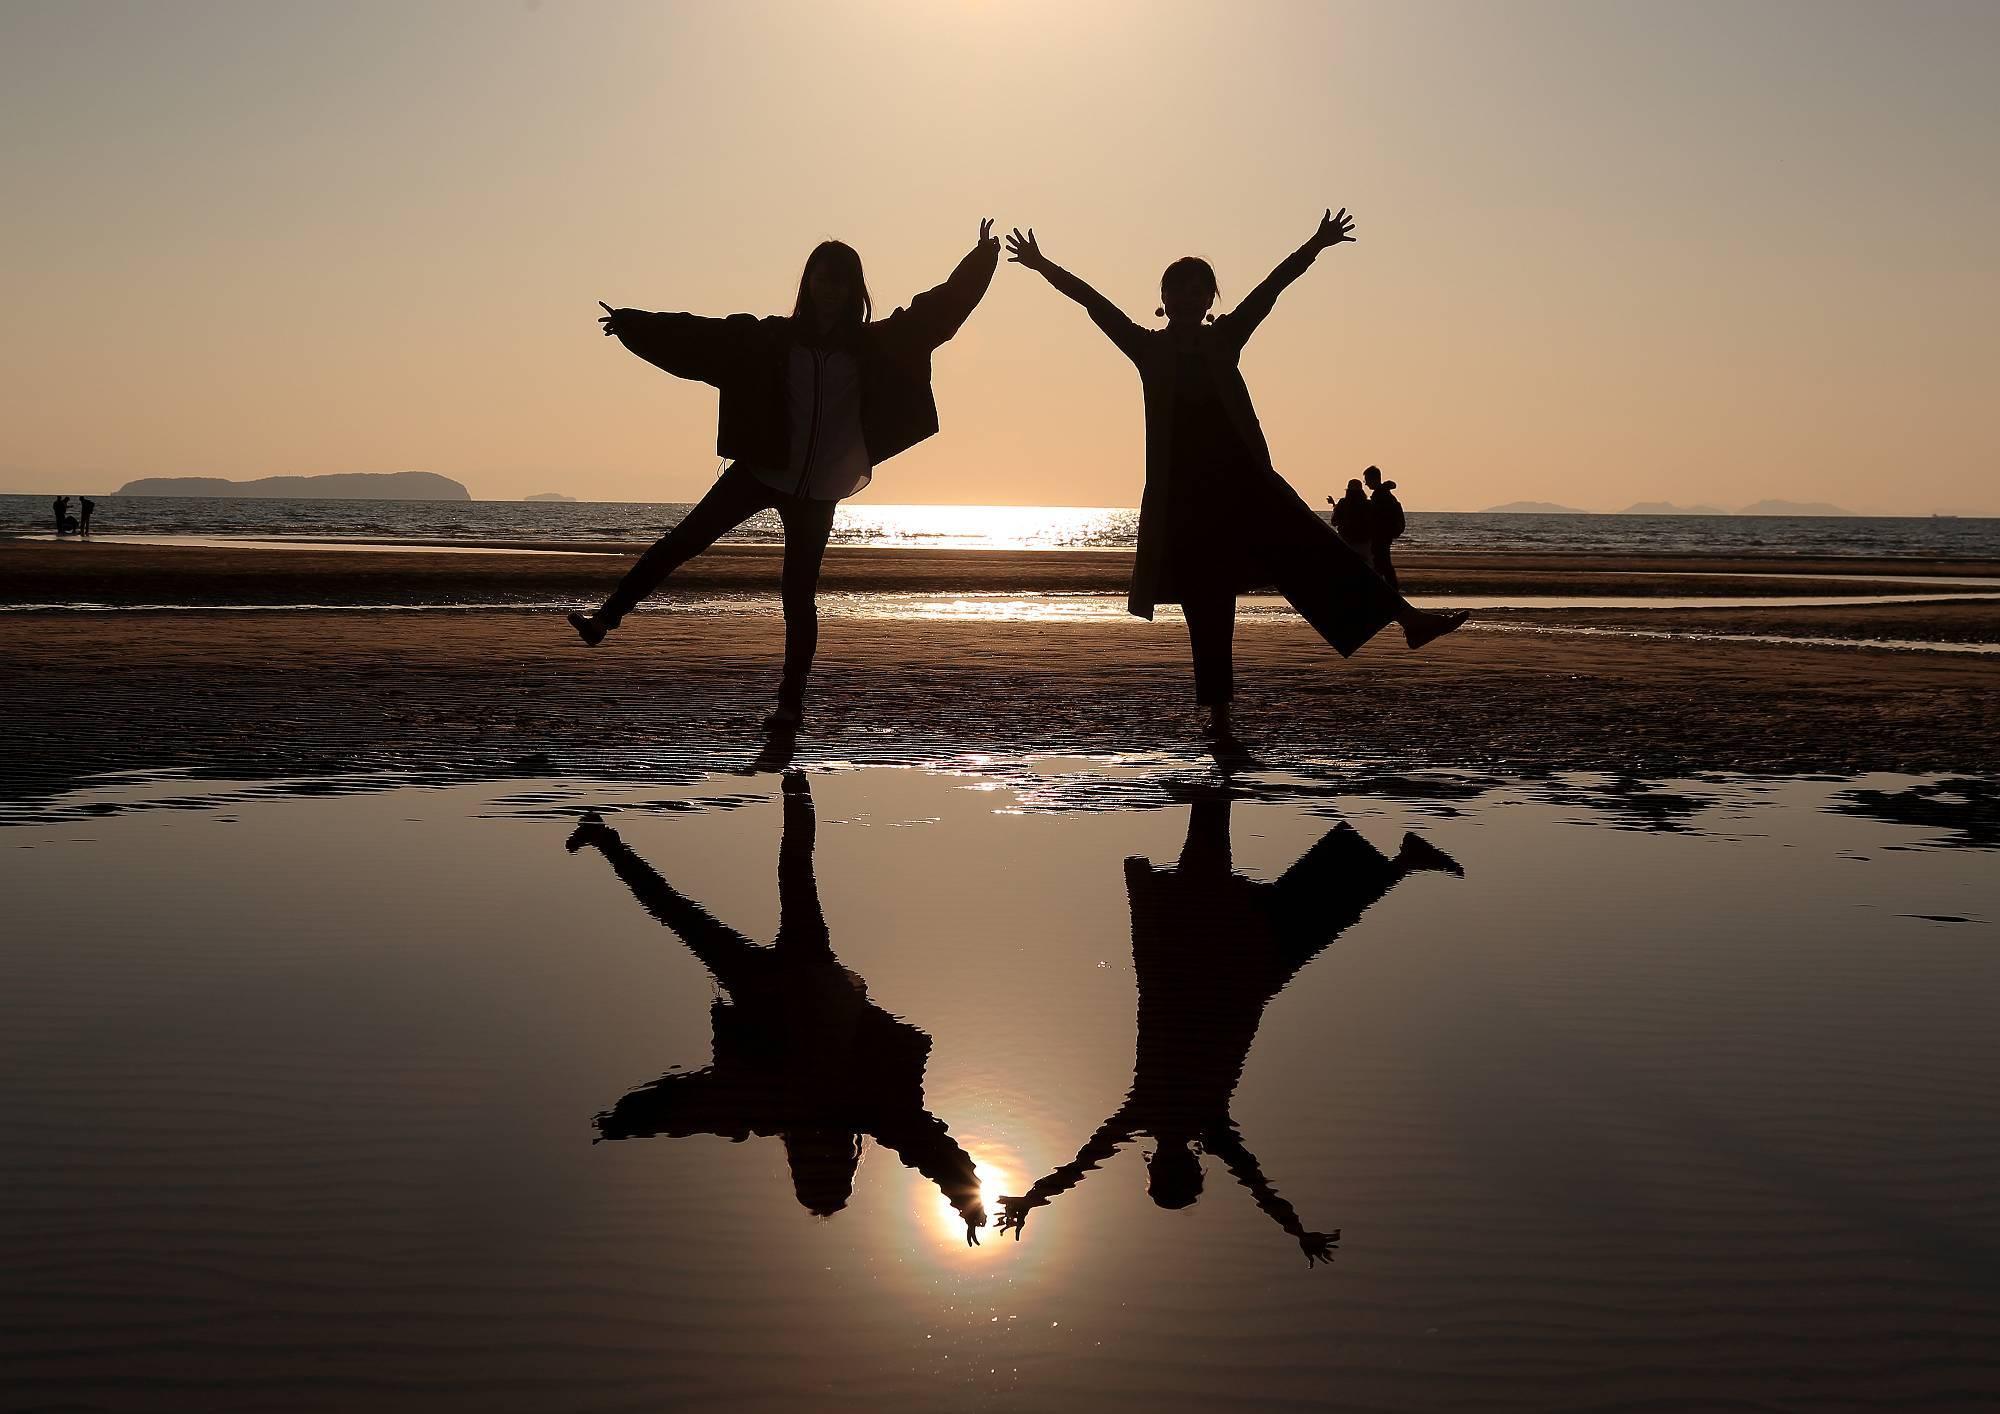 まるでウュニ塩湖と話題!「父母ヶ浜」の絶景 ~瀬戸内海の天空の鏡~ そのⅢ_a0140608_07392960.jpg